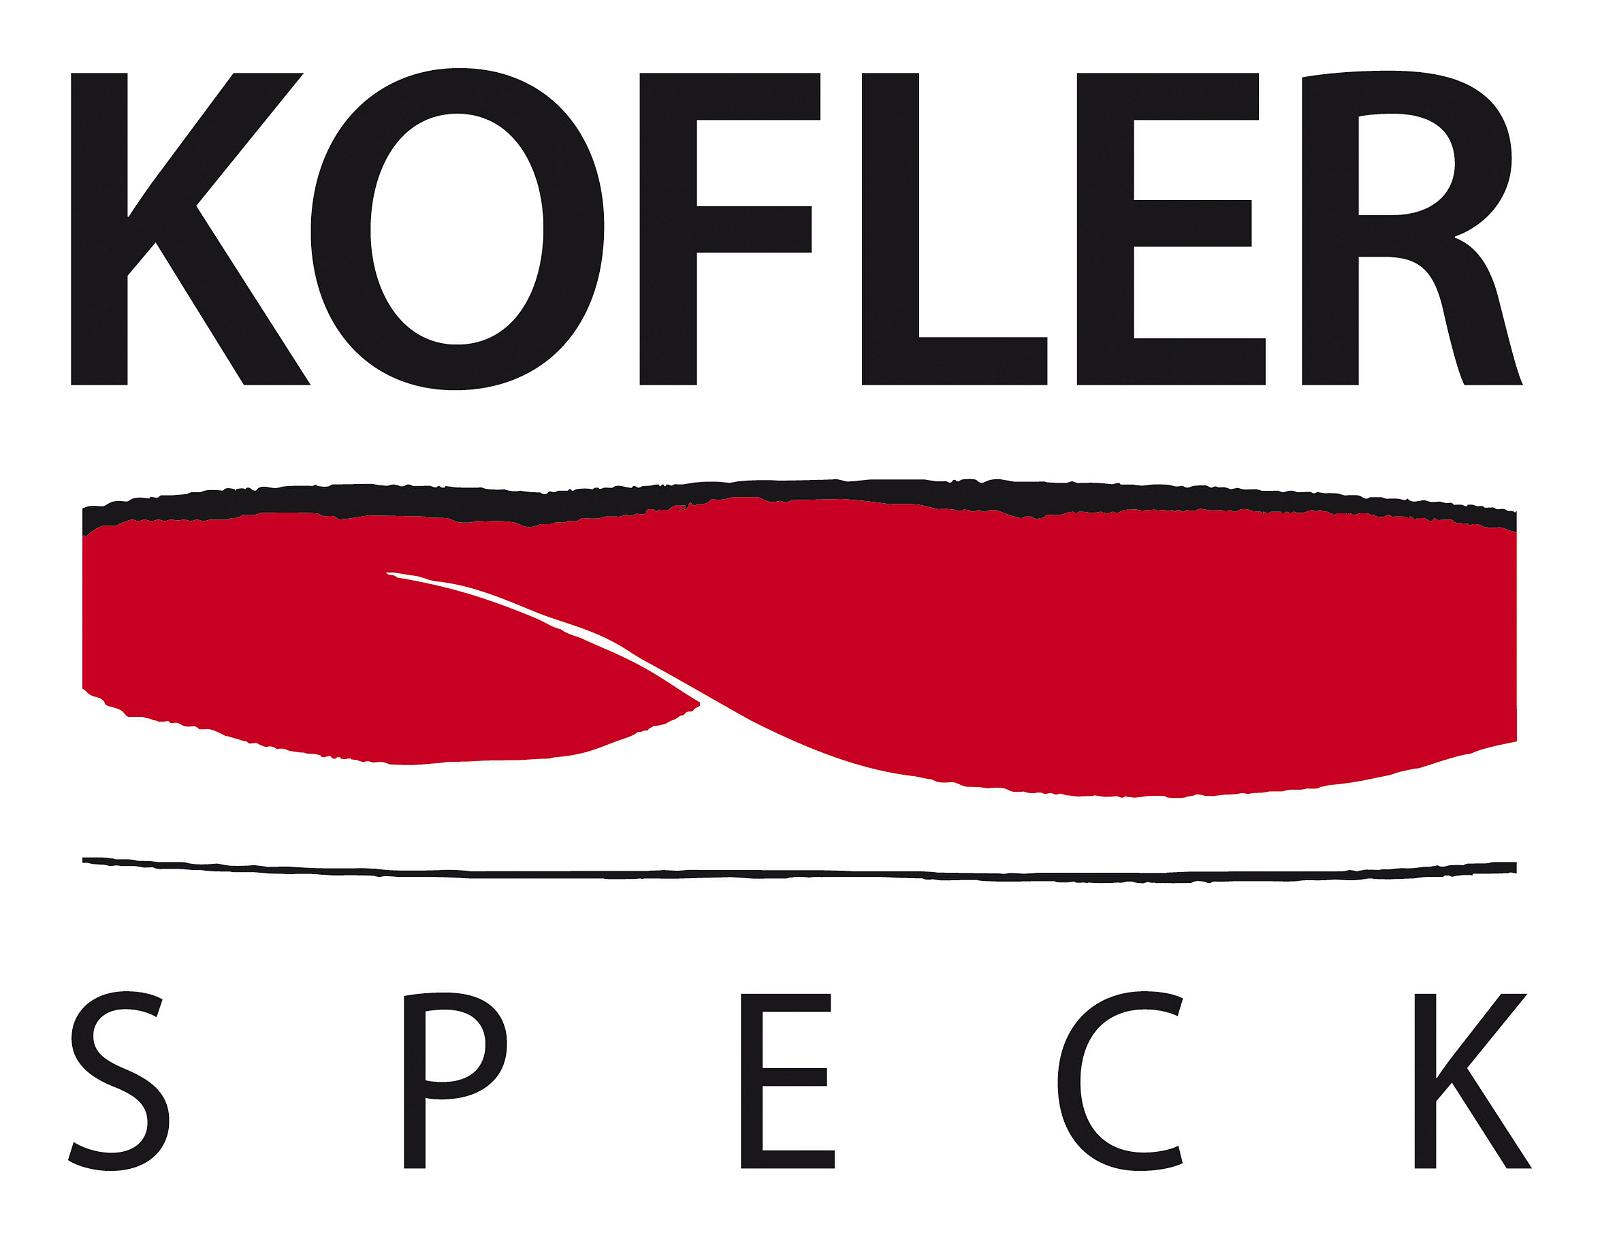 Kofler Speck